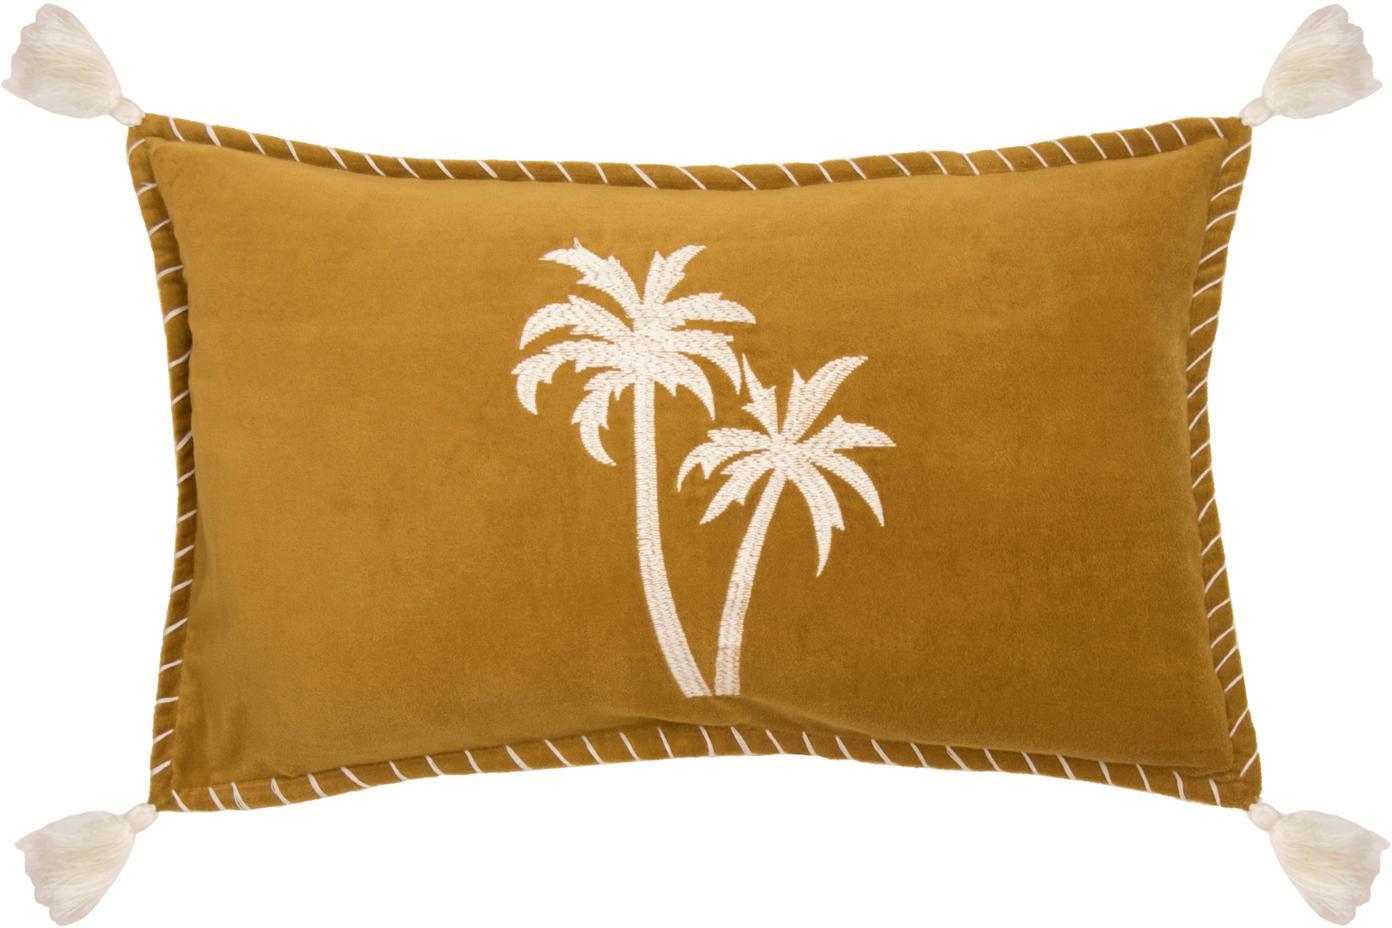 Kussenhoes Bali met palmen borduurwerk en kwastjes, 50% katoen 50% polyester, Mosterdgeel, wit, 30 x 50 cm